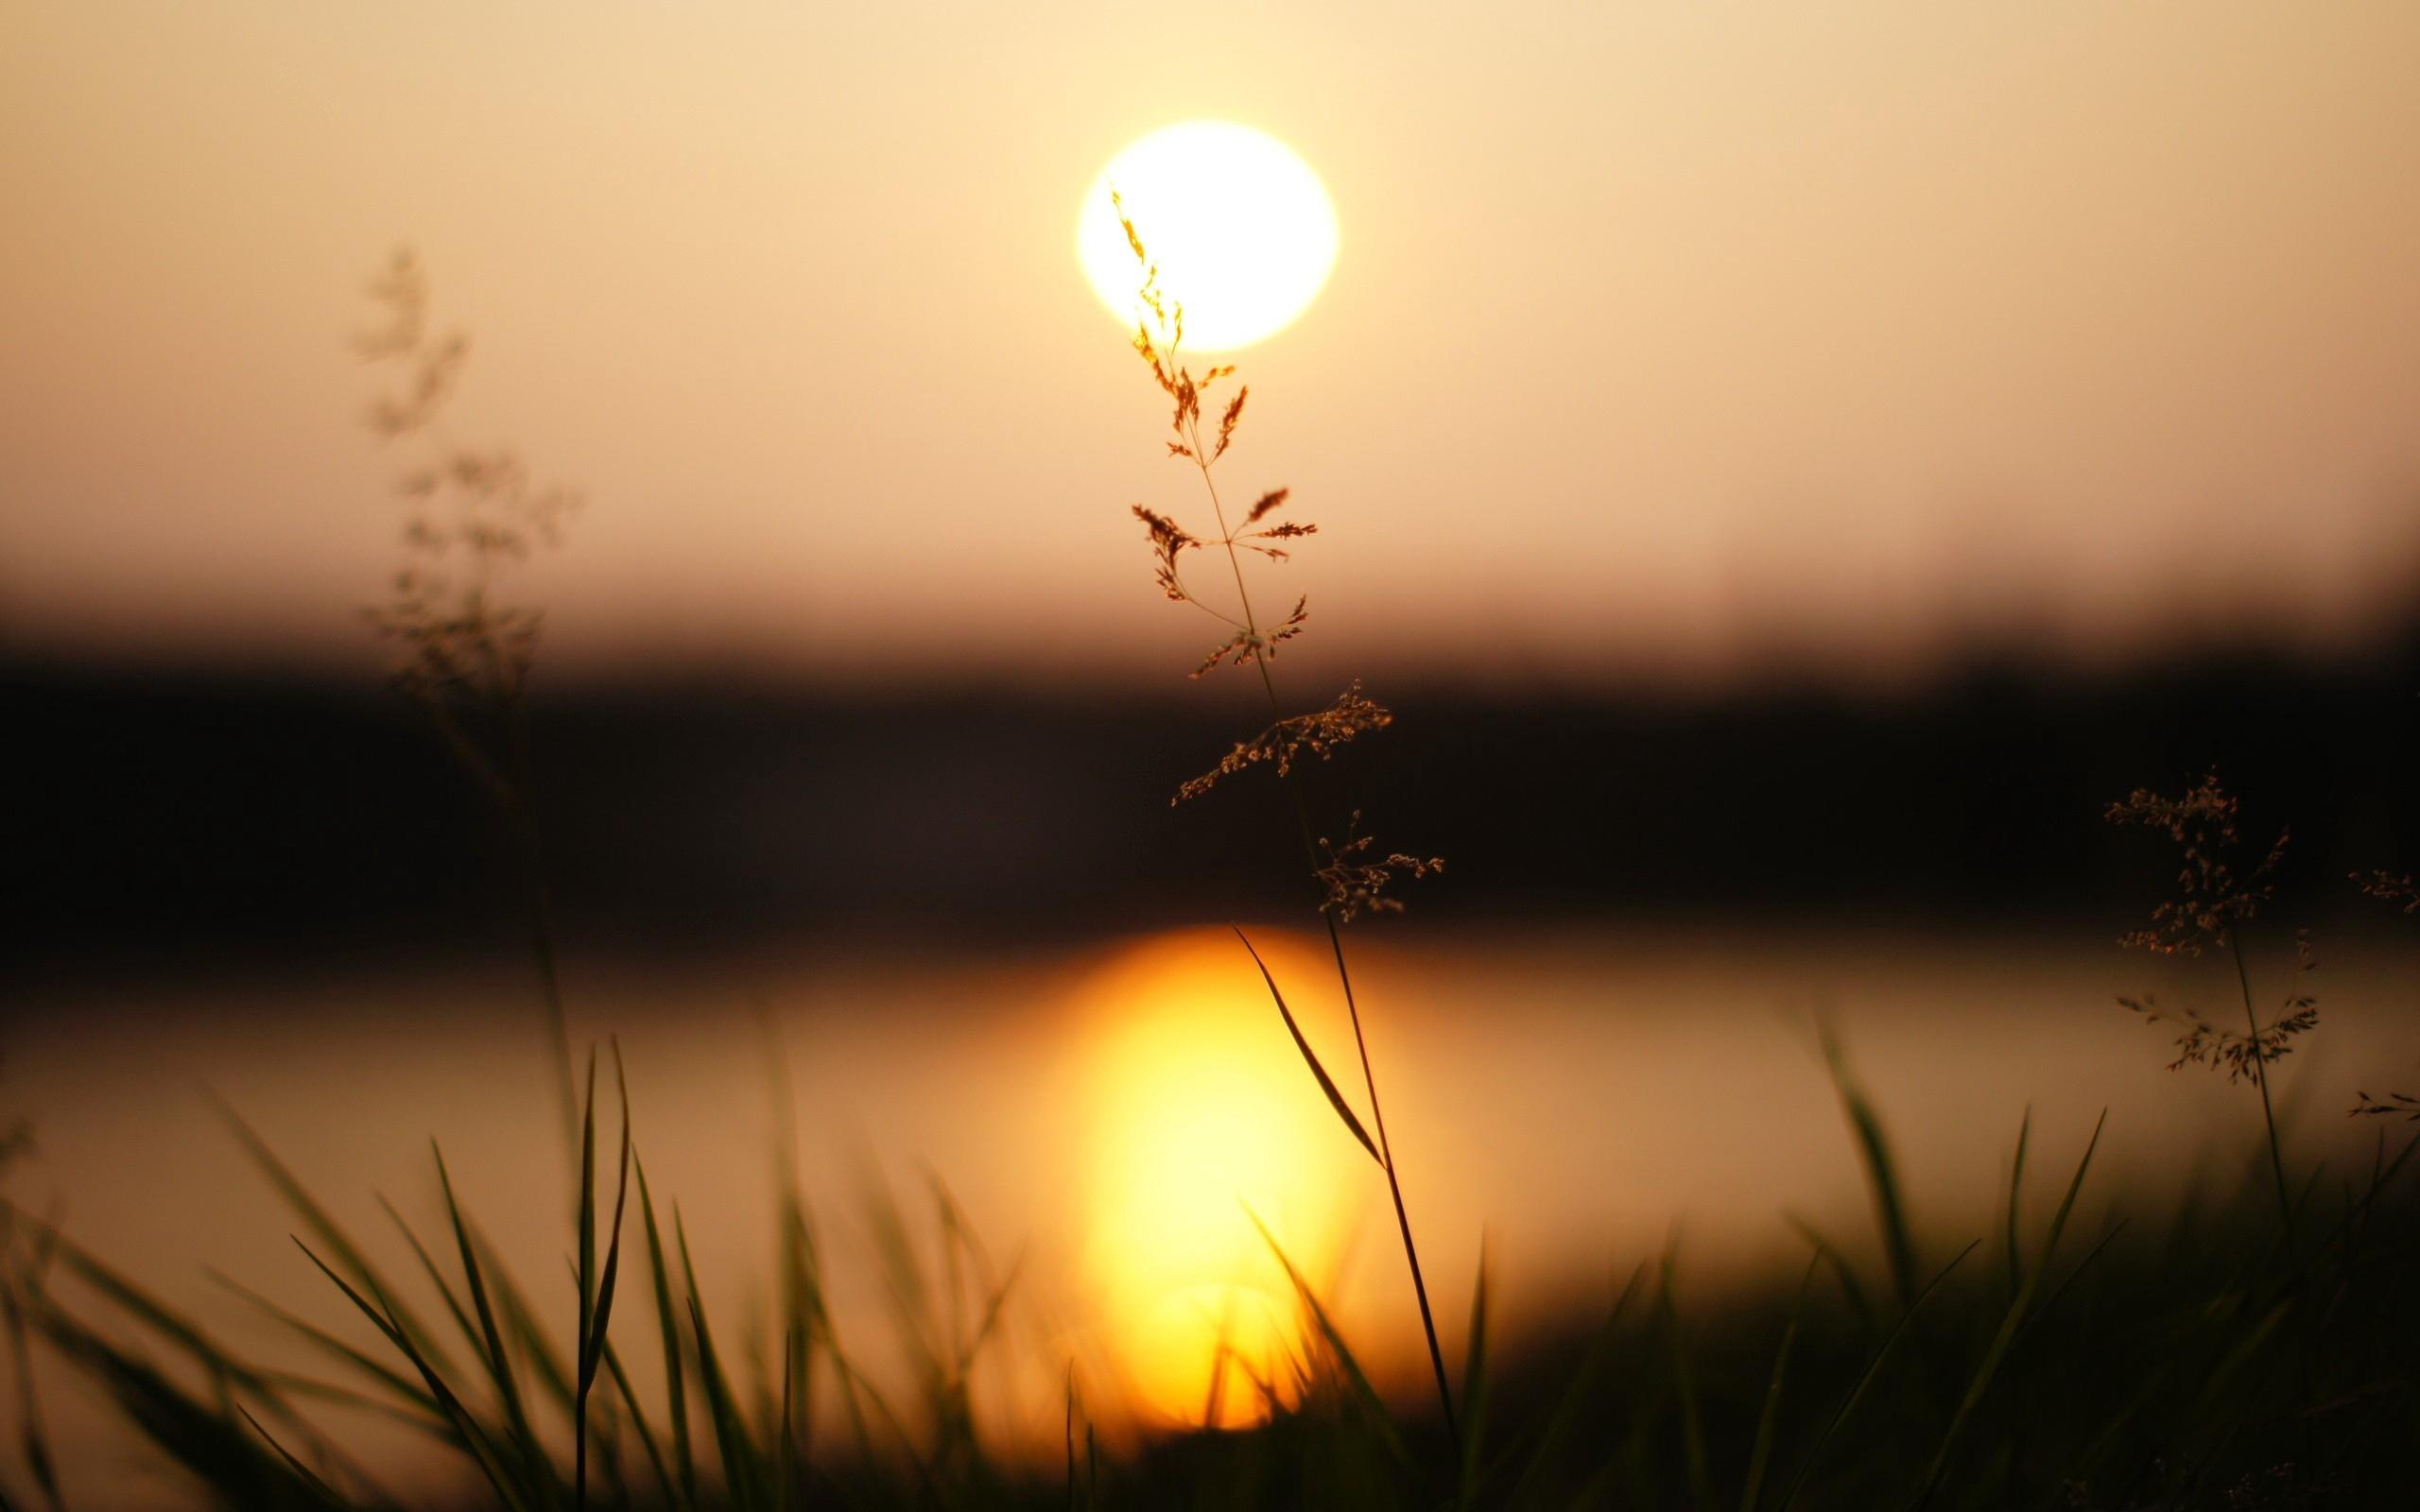 grass sunlight sunset